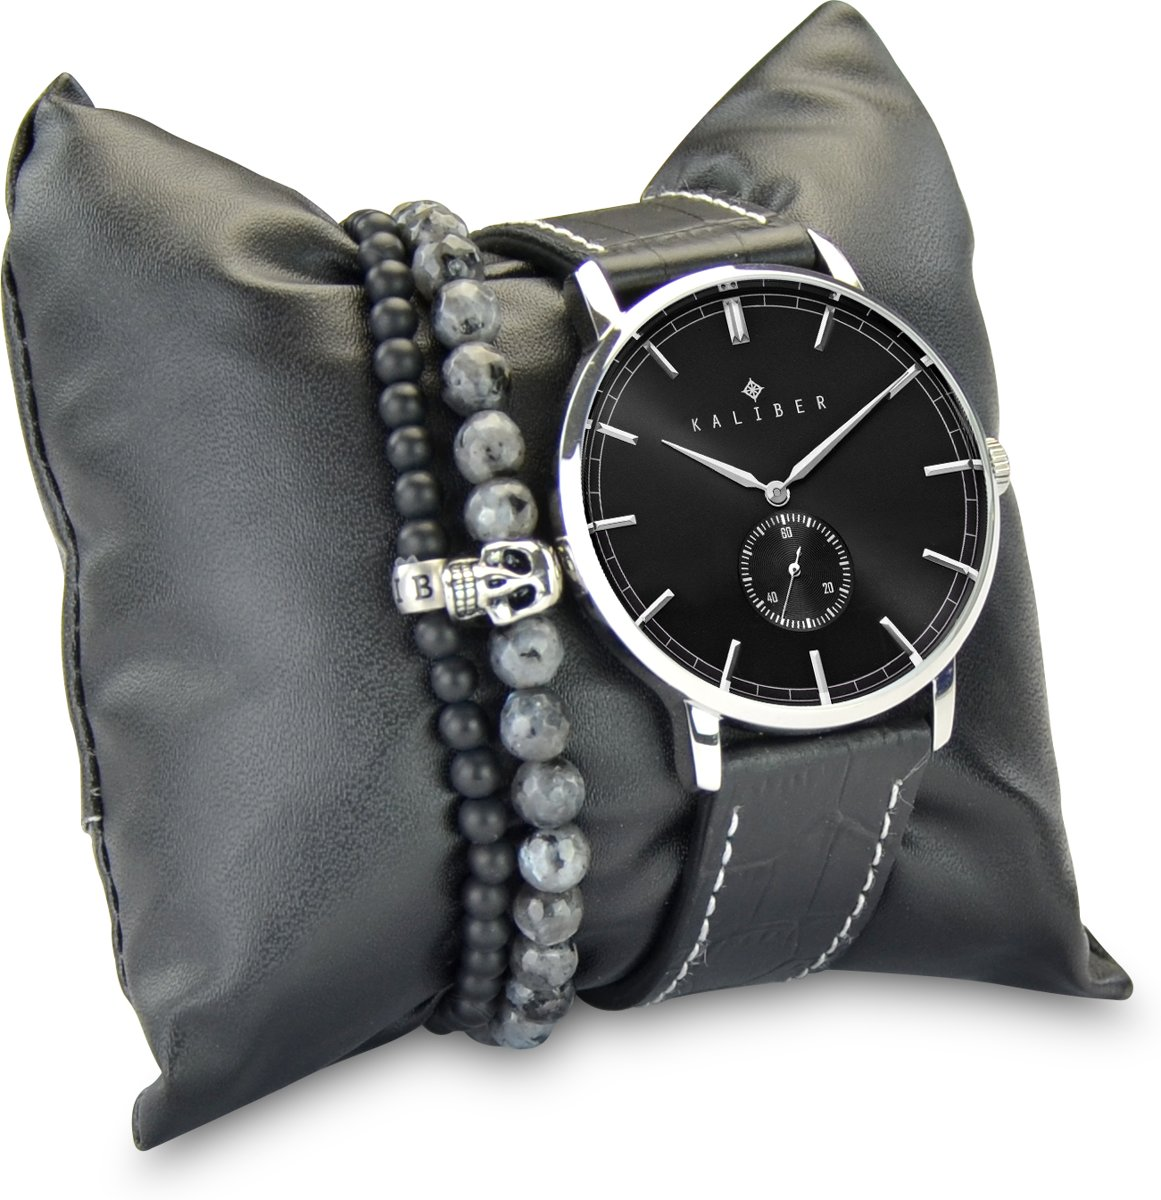 Kaliber 7KA SET012 Horloge Set met Armbanden - Leren Band - Ø 40 mm - Zwart / Zilverkleurig kopen